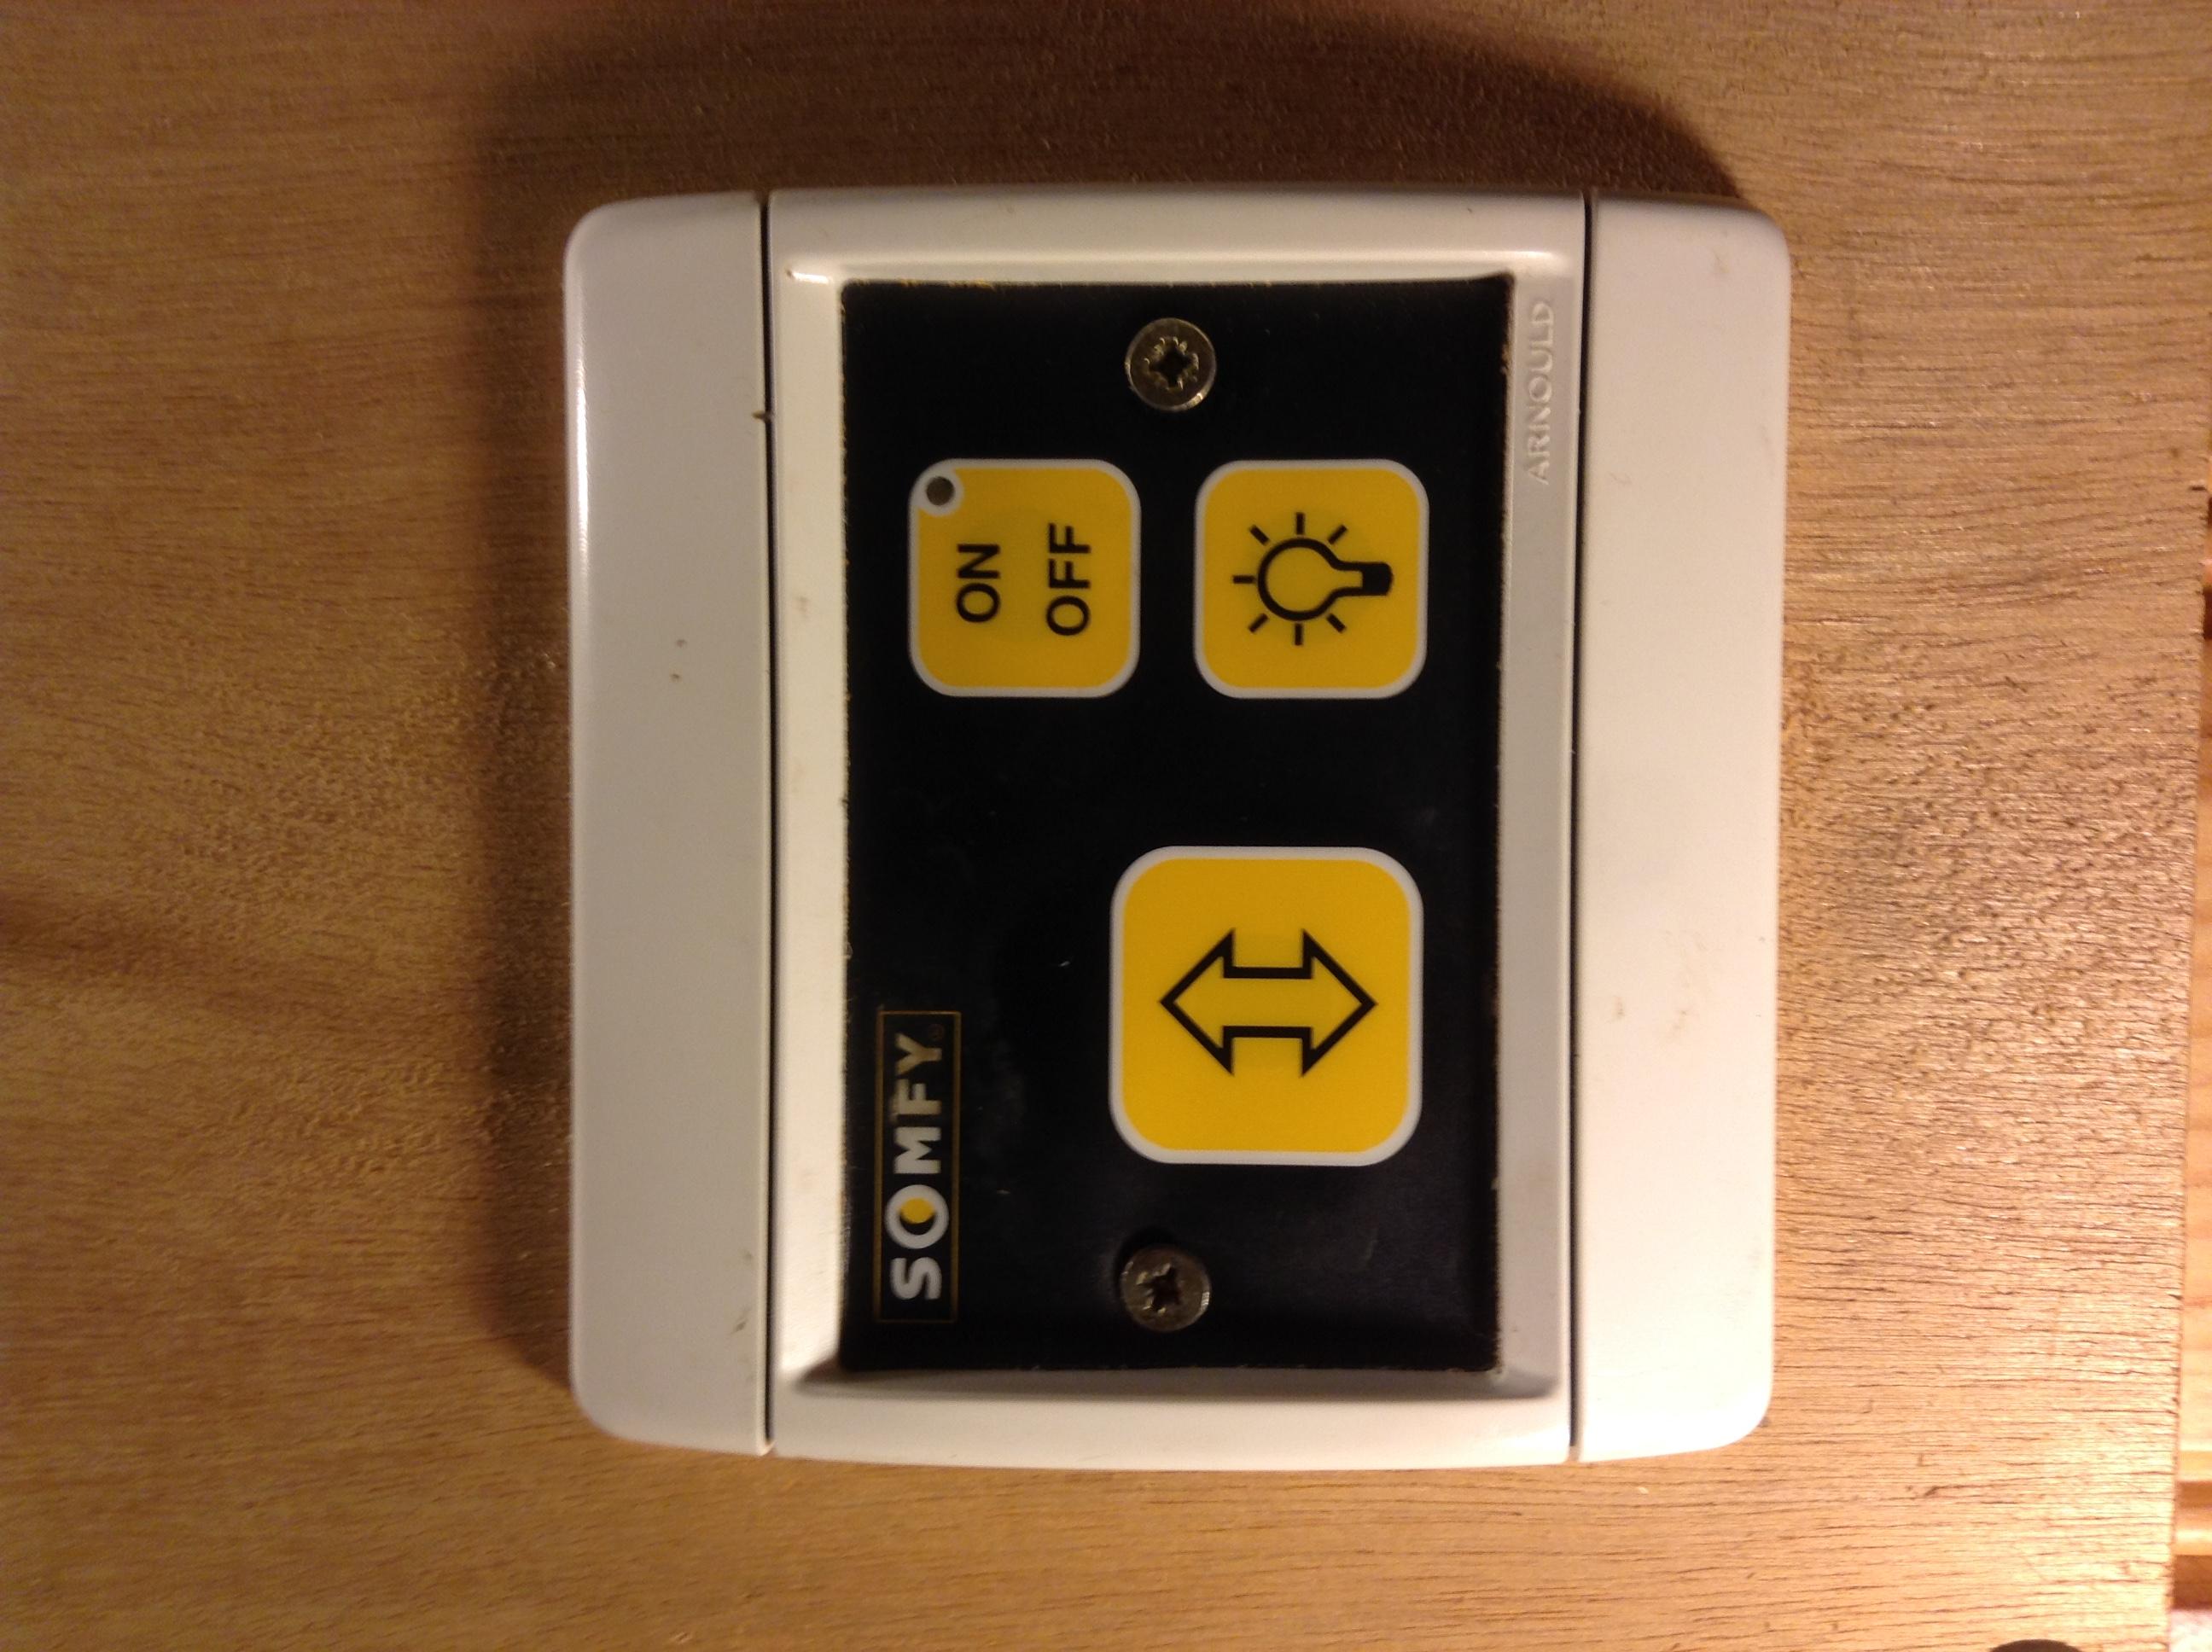 connexion entre bo tier gdk3000 et interrupteur ref 240062. Black Bedroom Furniture Sets. Home Design Ideas